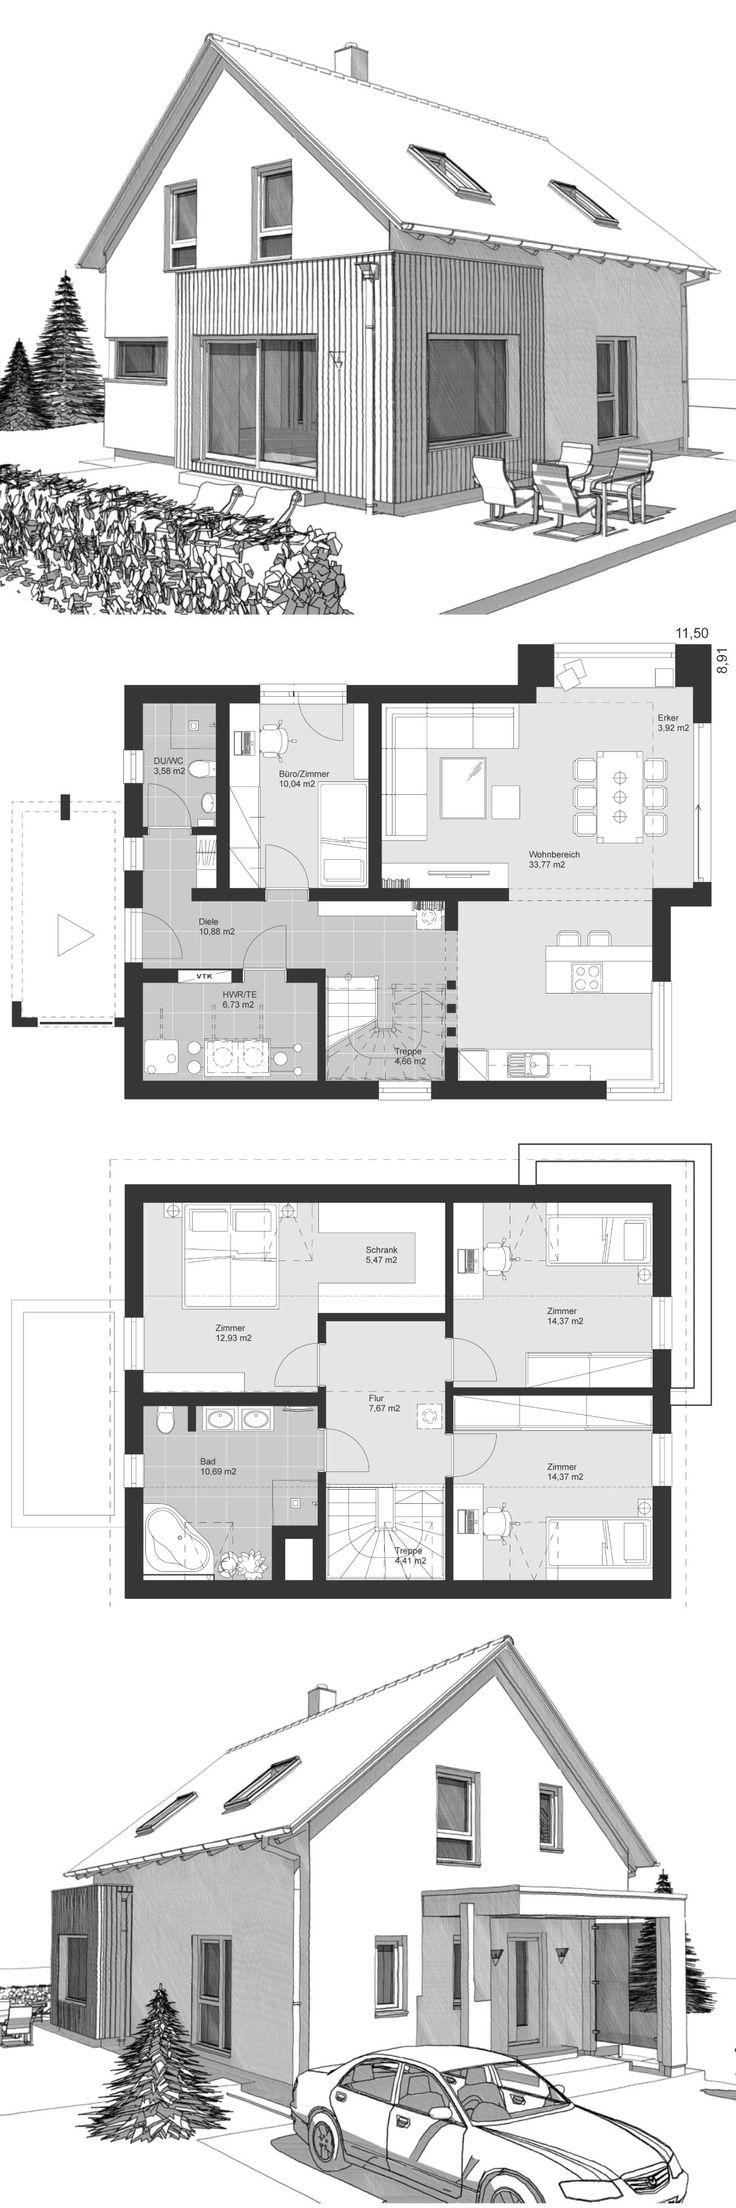 Einfamilienhaus Architektur klassisch Grundriss mi…